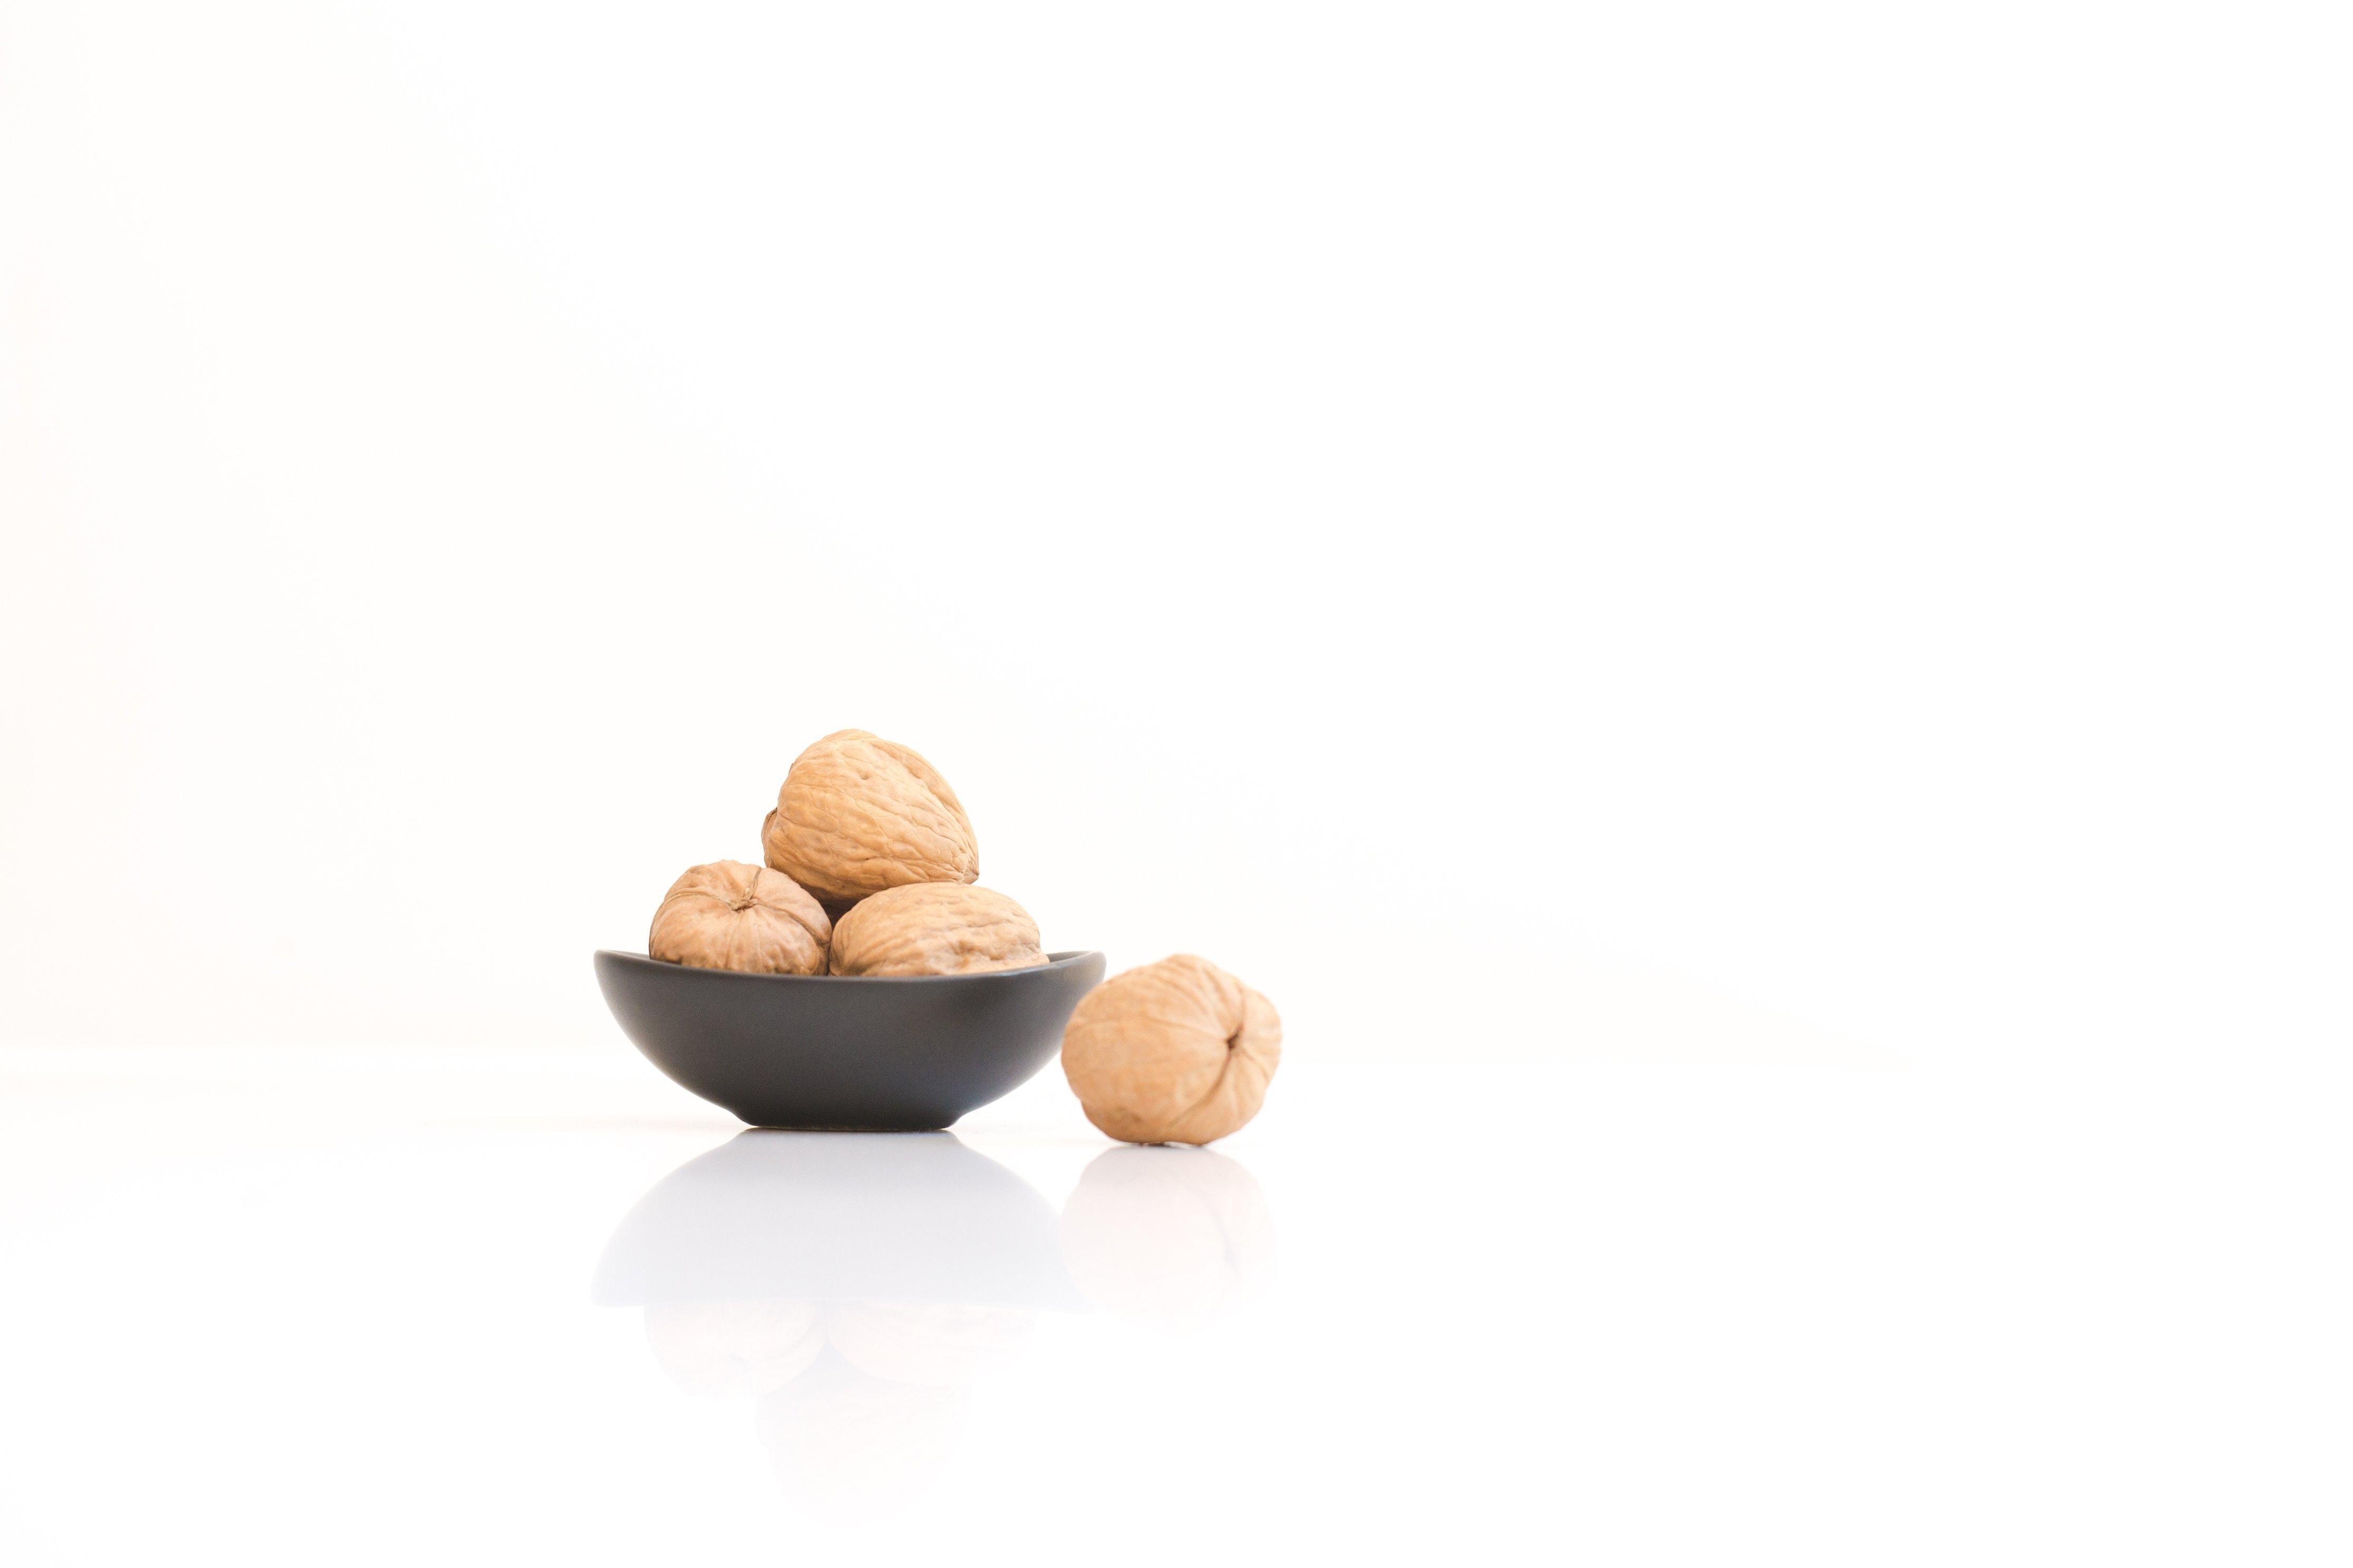 černá miska s vlašskými ořechy